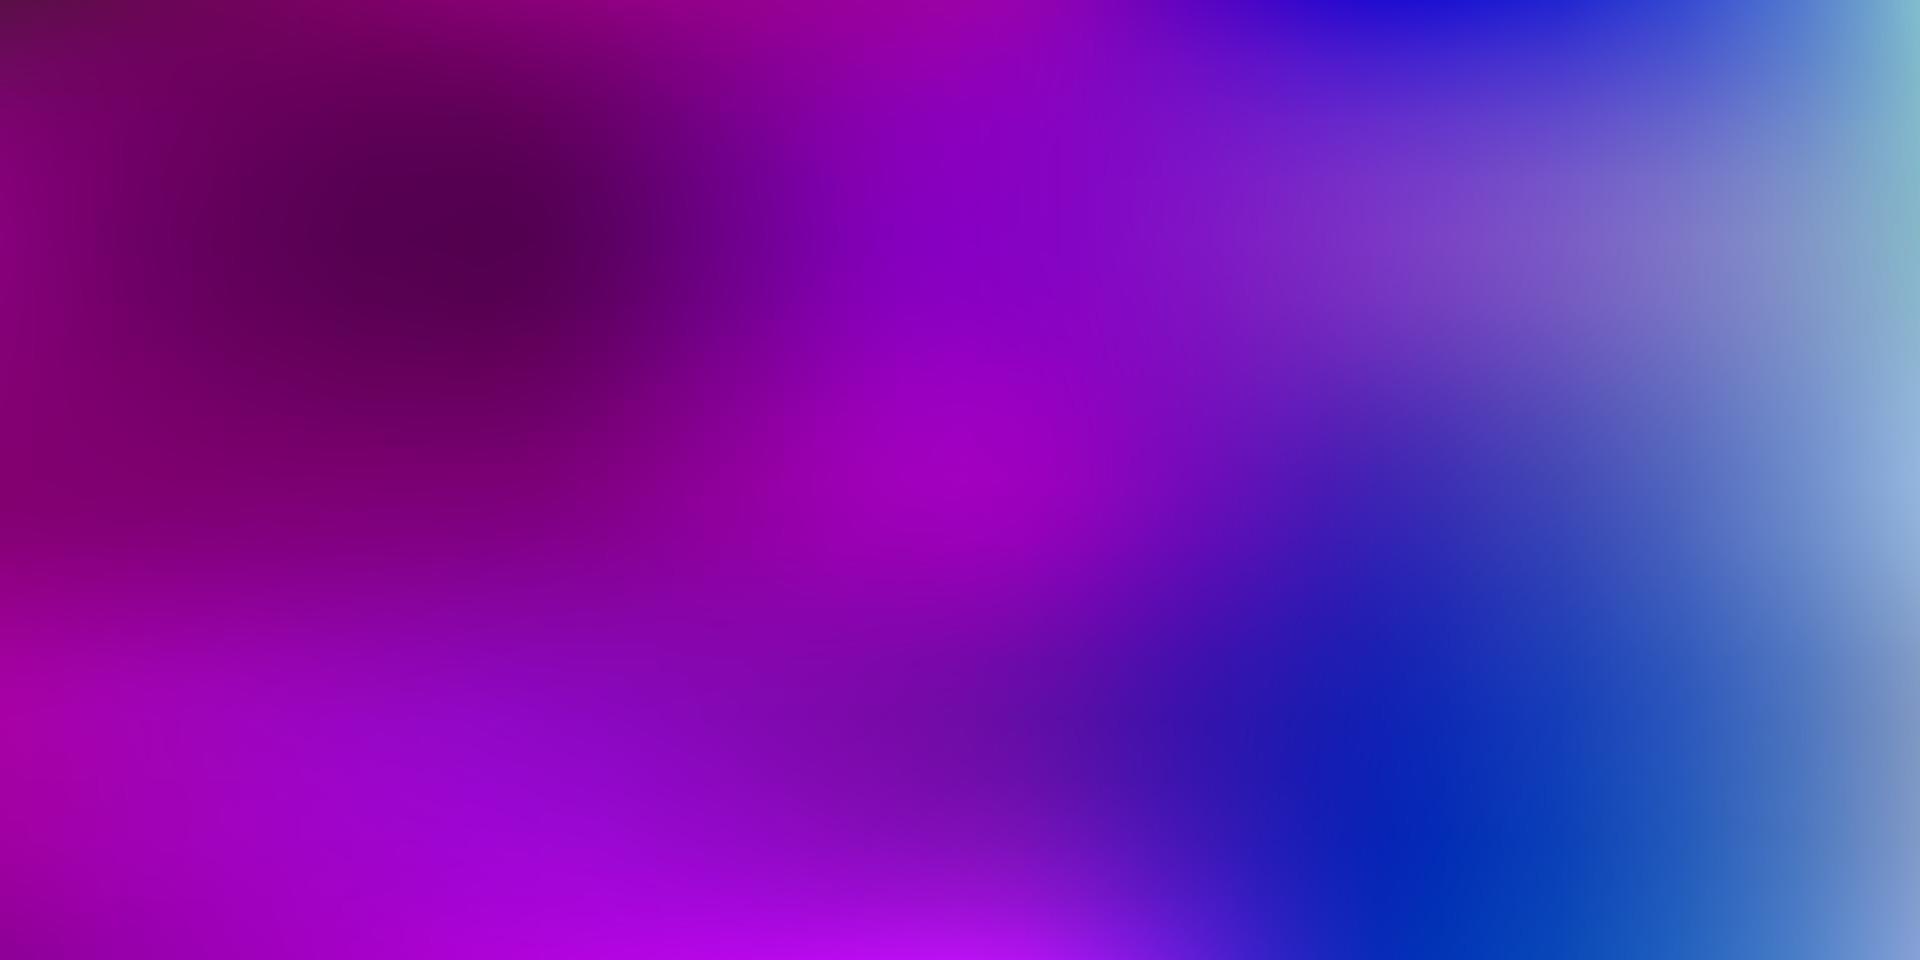 toile de fond flou dégradé vecteur rose clair, bleu.